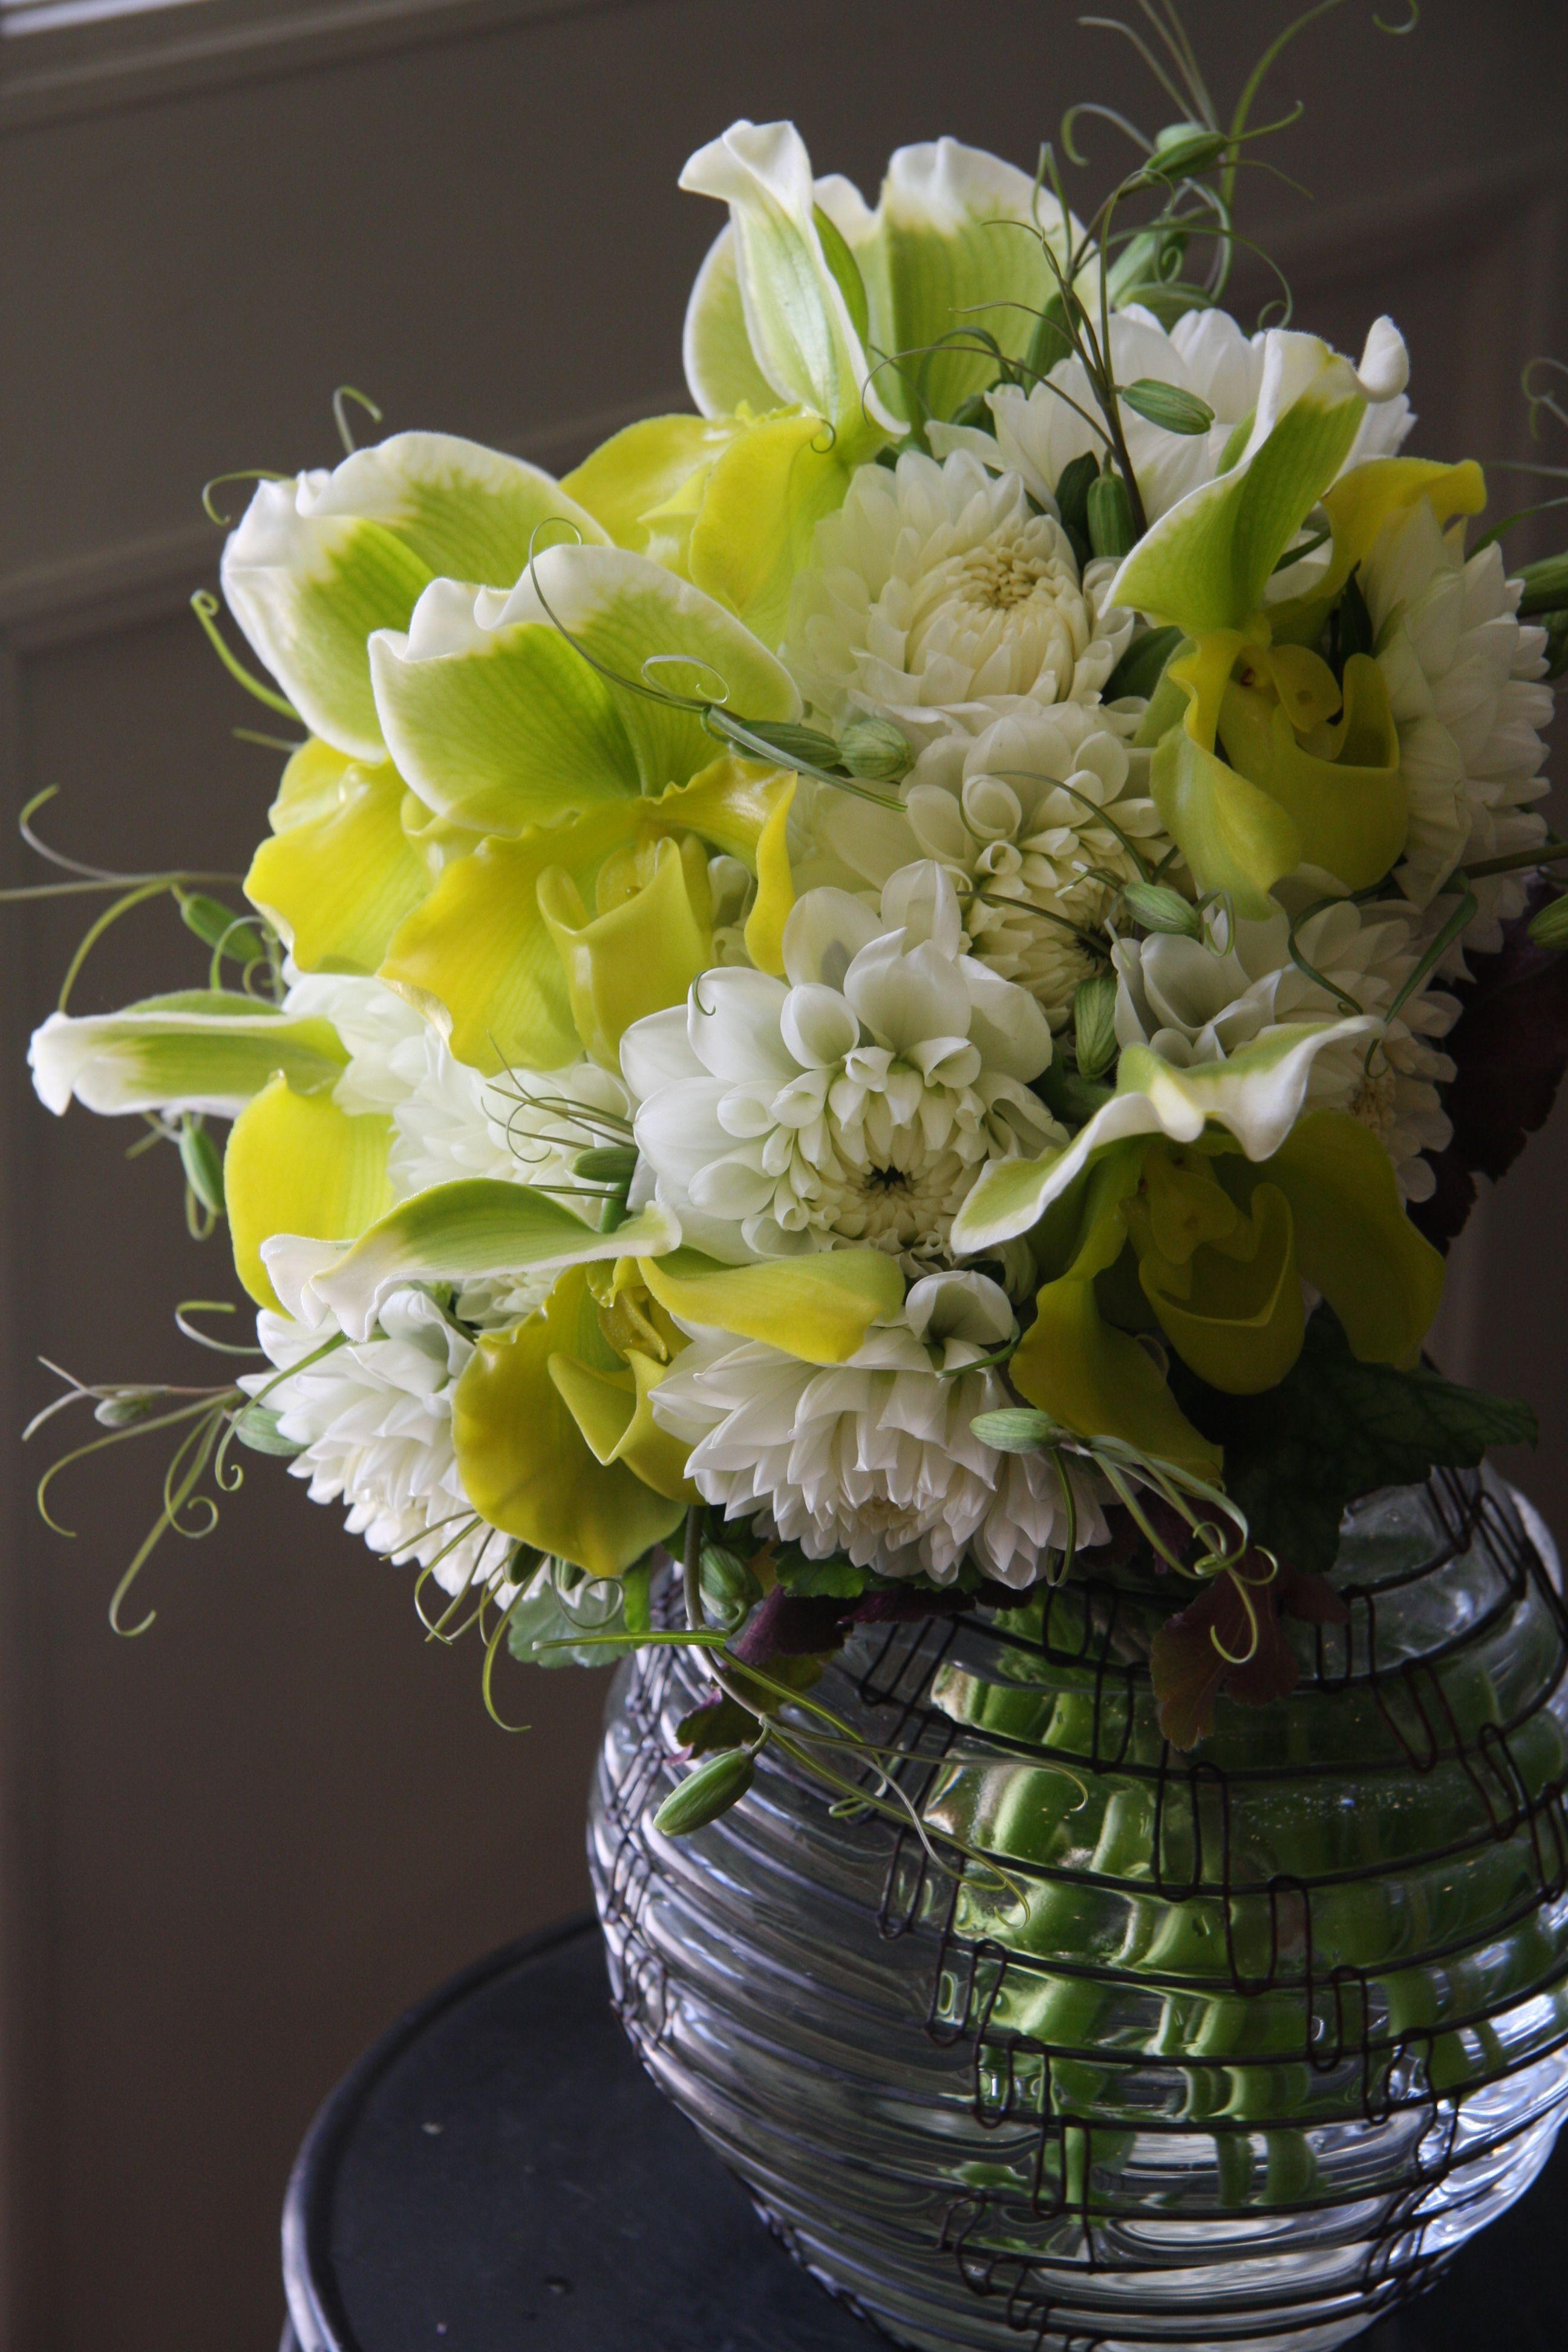 Floral arrangement orchid and dahlia flower arrangements floral arrangement orchid and dahlia izmirmasajfo